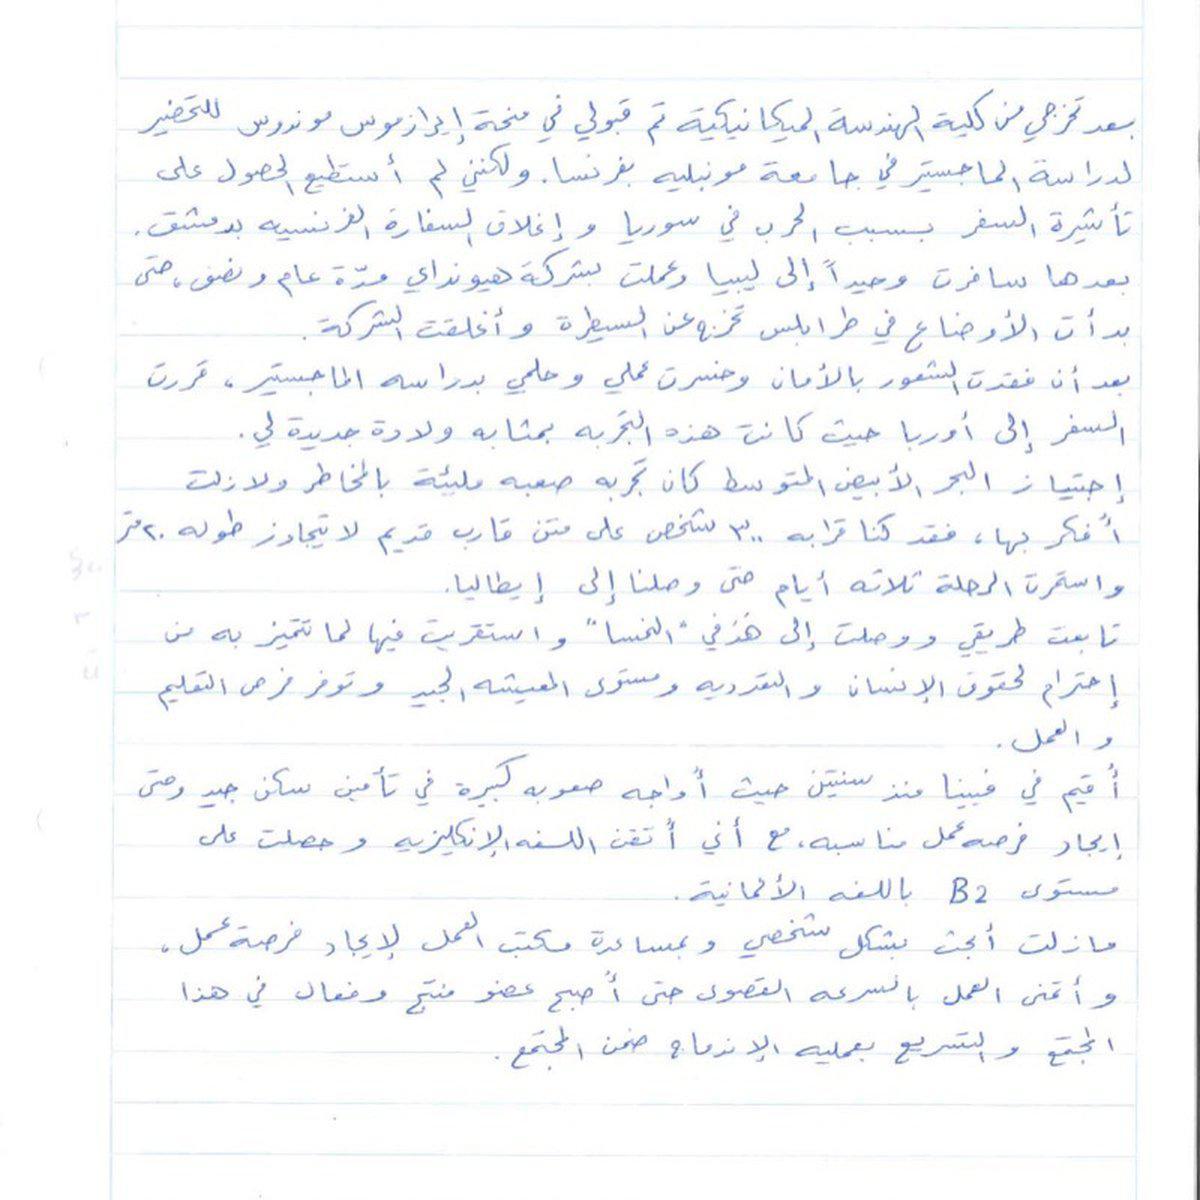 Briefe Schreiben Einleitungssätze : Flüchtlinge schreiben briefe an Österreich